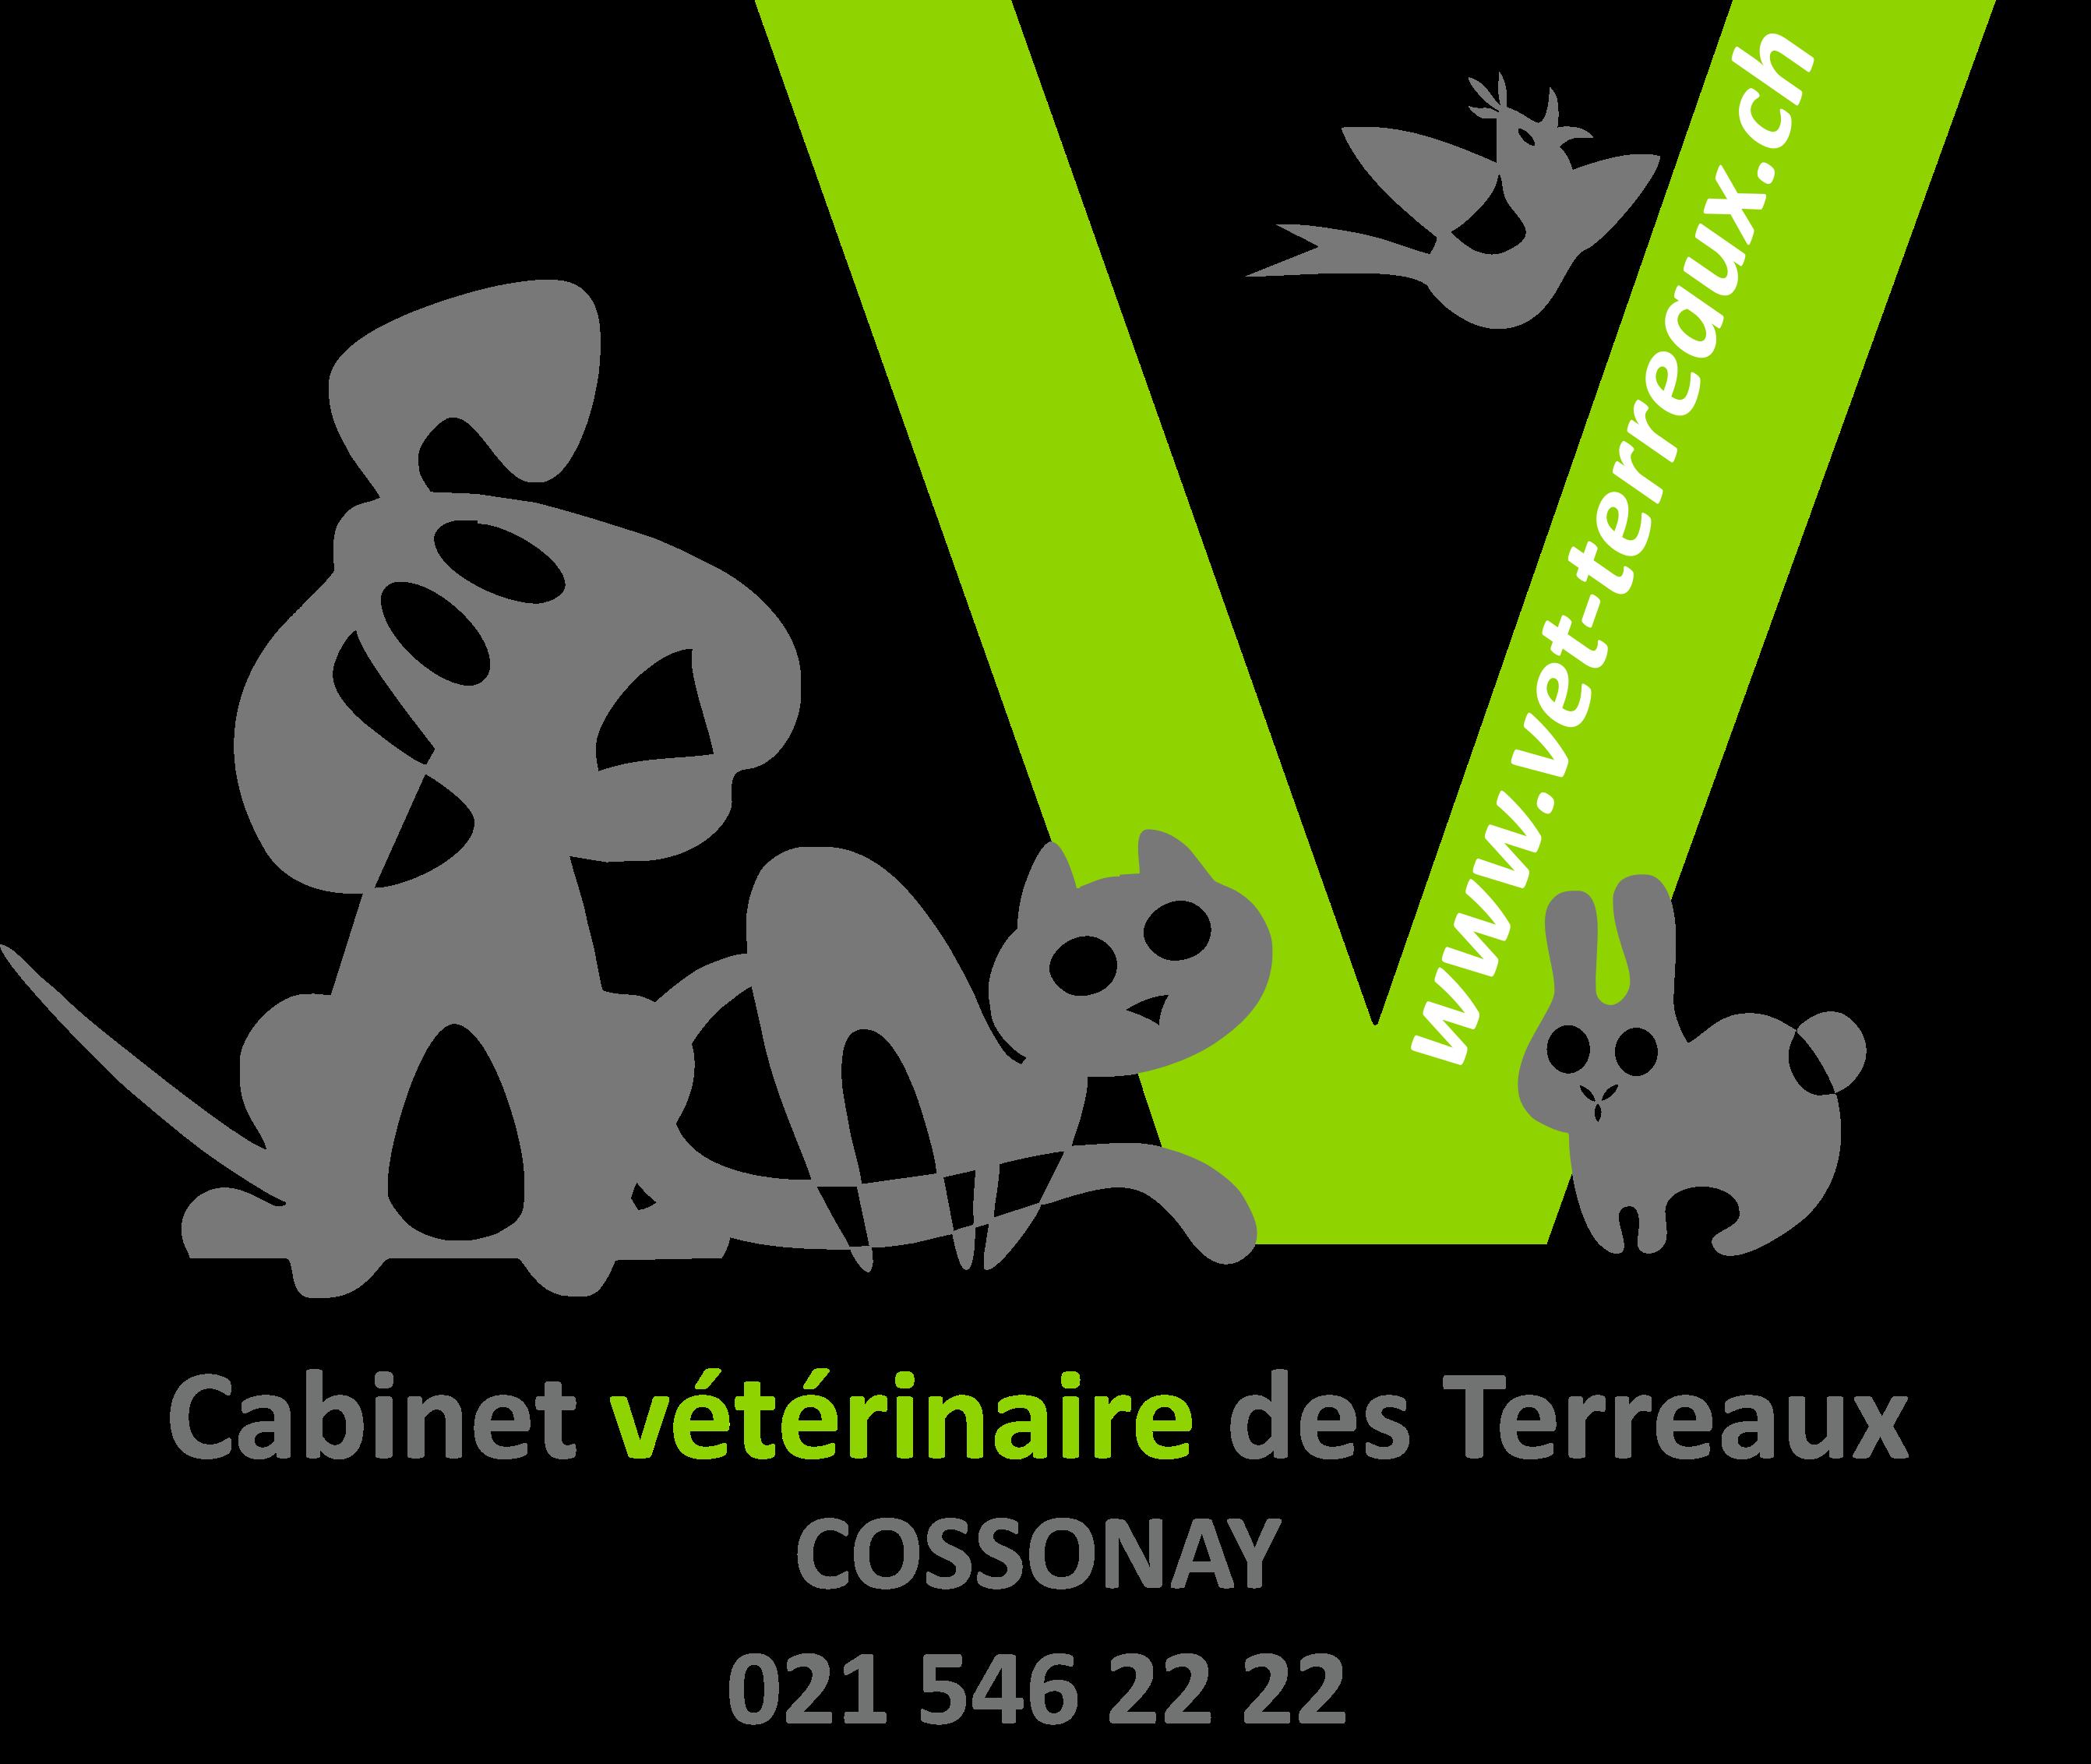 Cabinet vétérinaire des Terreaux